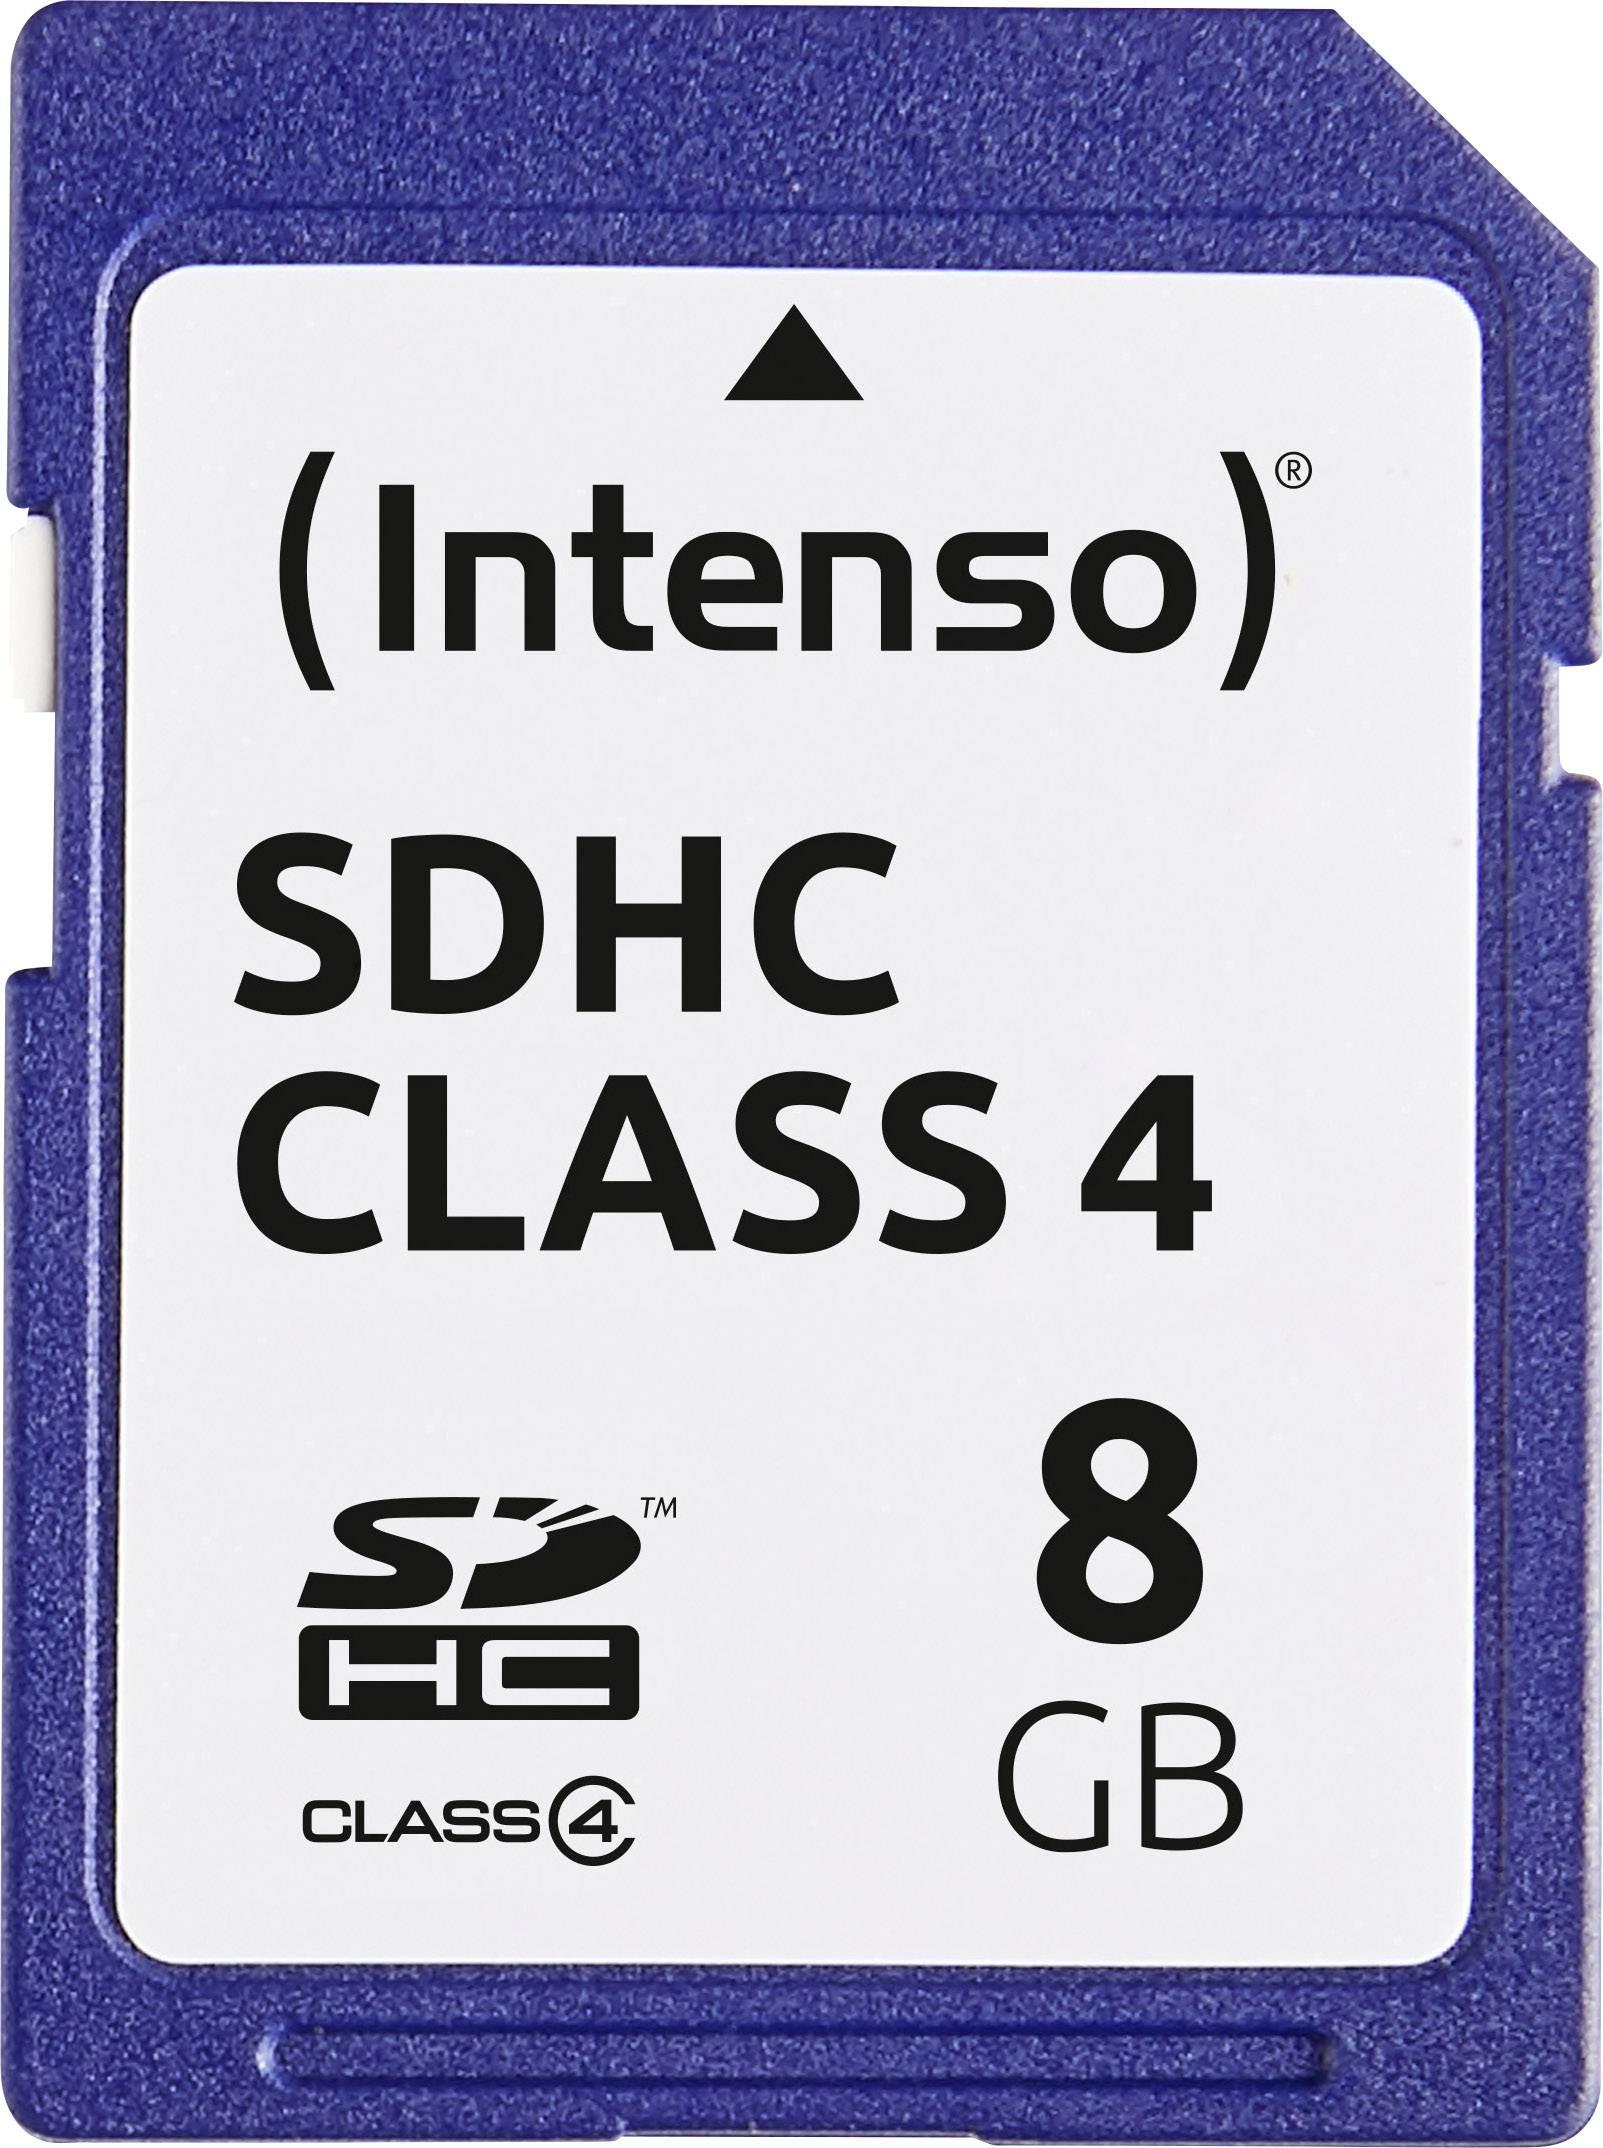 Pametova Karta Sdhc 8 Gb Intenso 8gb Secure Digital Card Sdhc Class